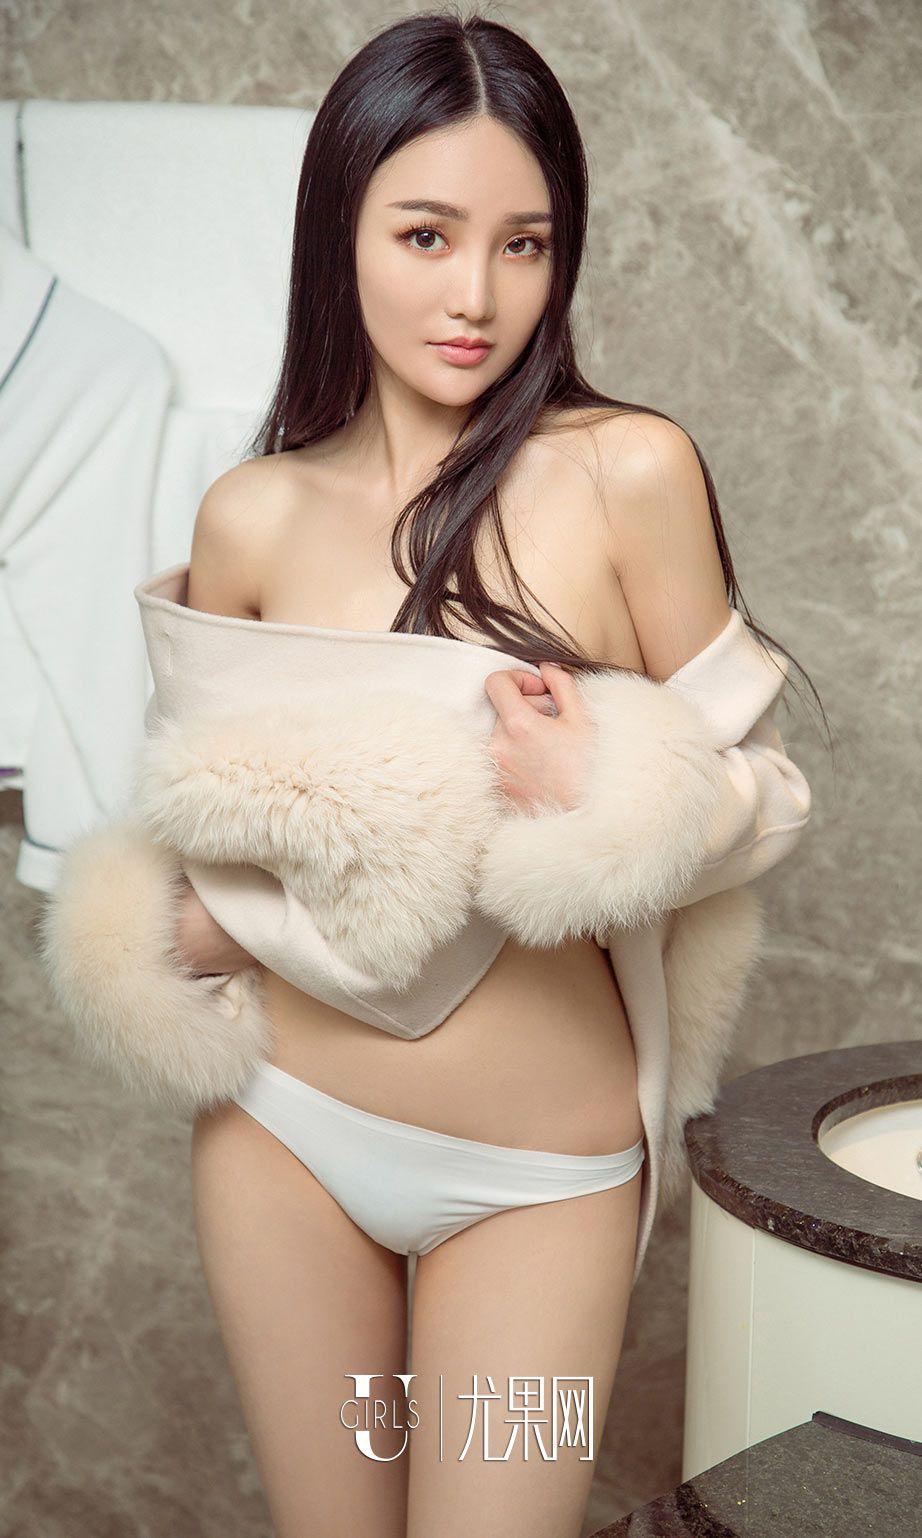 林熙桐 - 春天的桐话